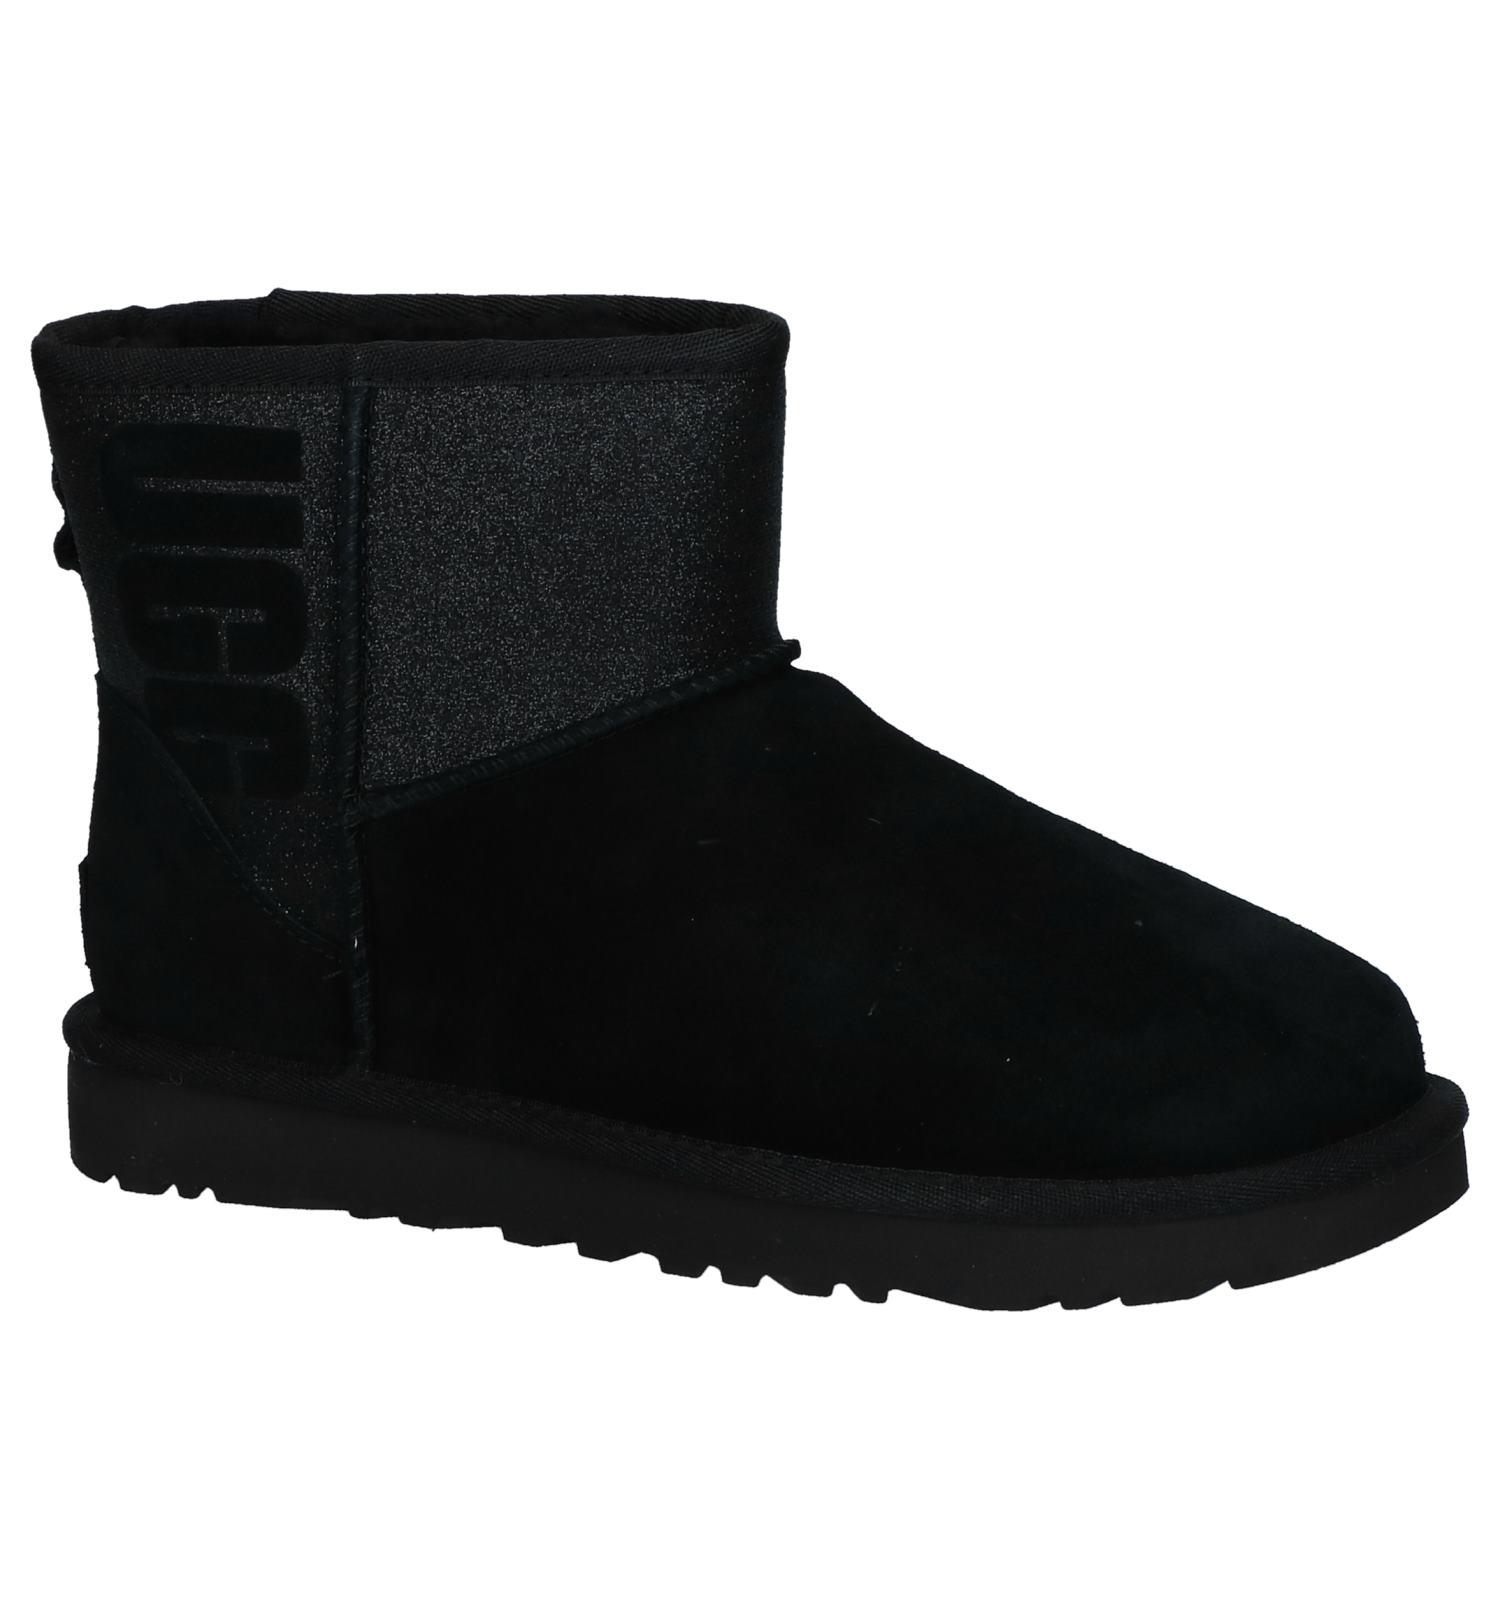 Zwarte Boots UGG Classic Mini | TORFS.BE | Gratis verzend en retour